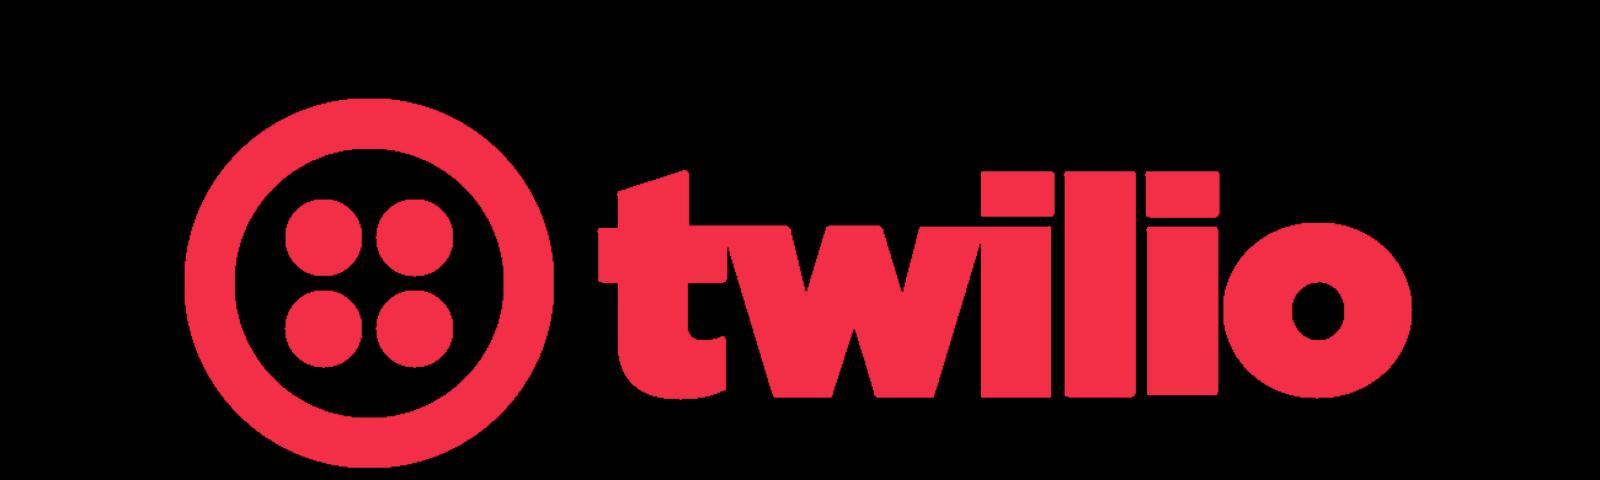 Twilio: создание нескольких аккаунтов без номера телефона